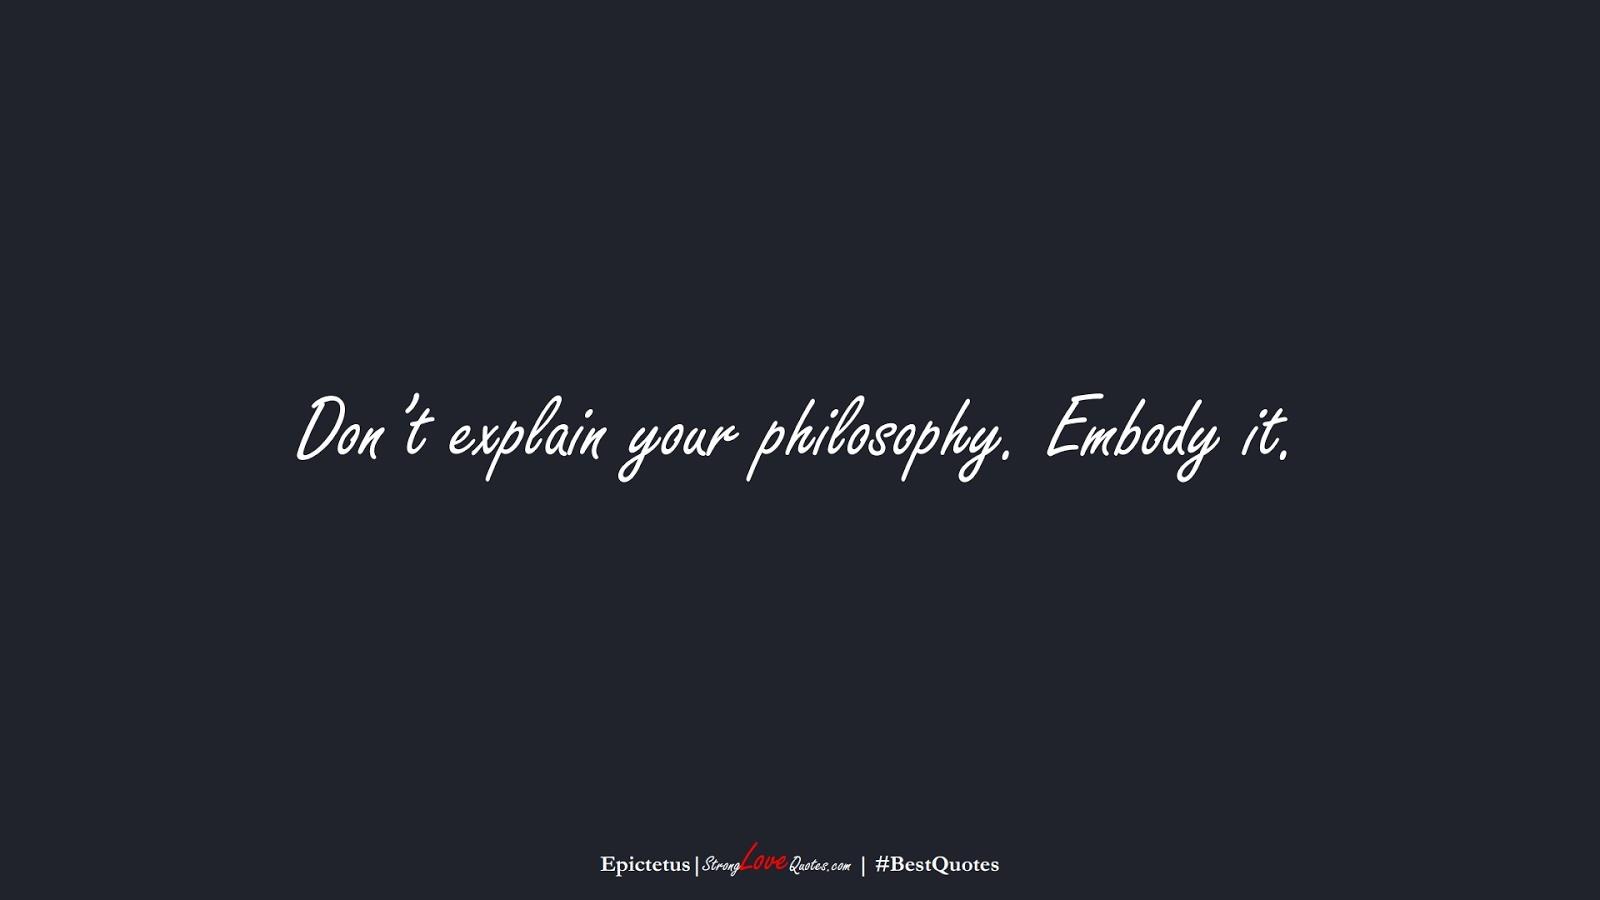 Don't explain your philosophy. Embody it. (Epictetus);  #BestQuotes